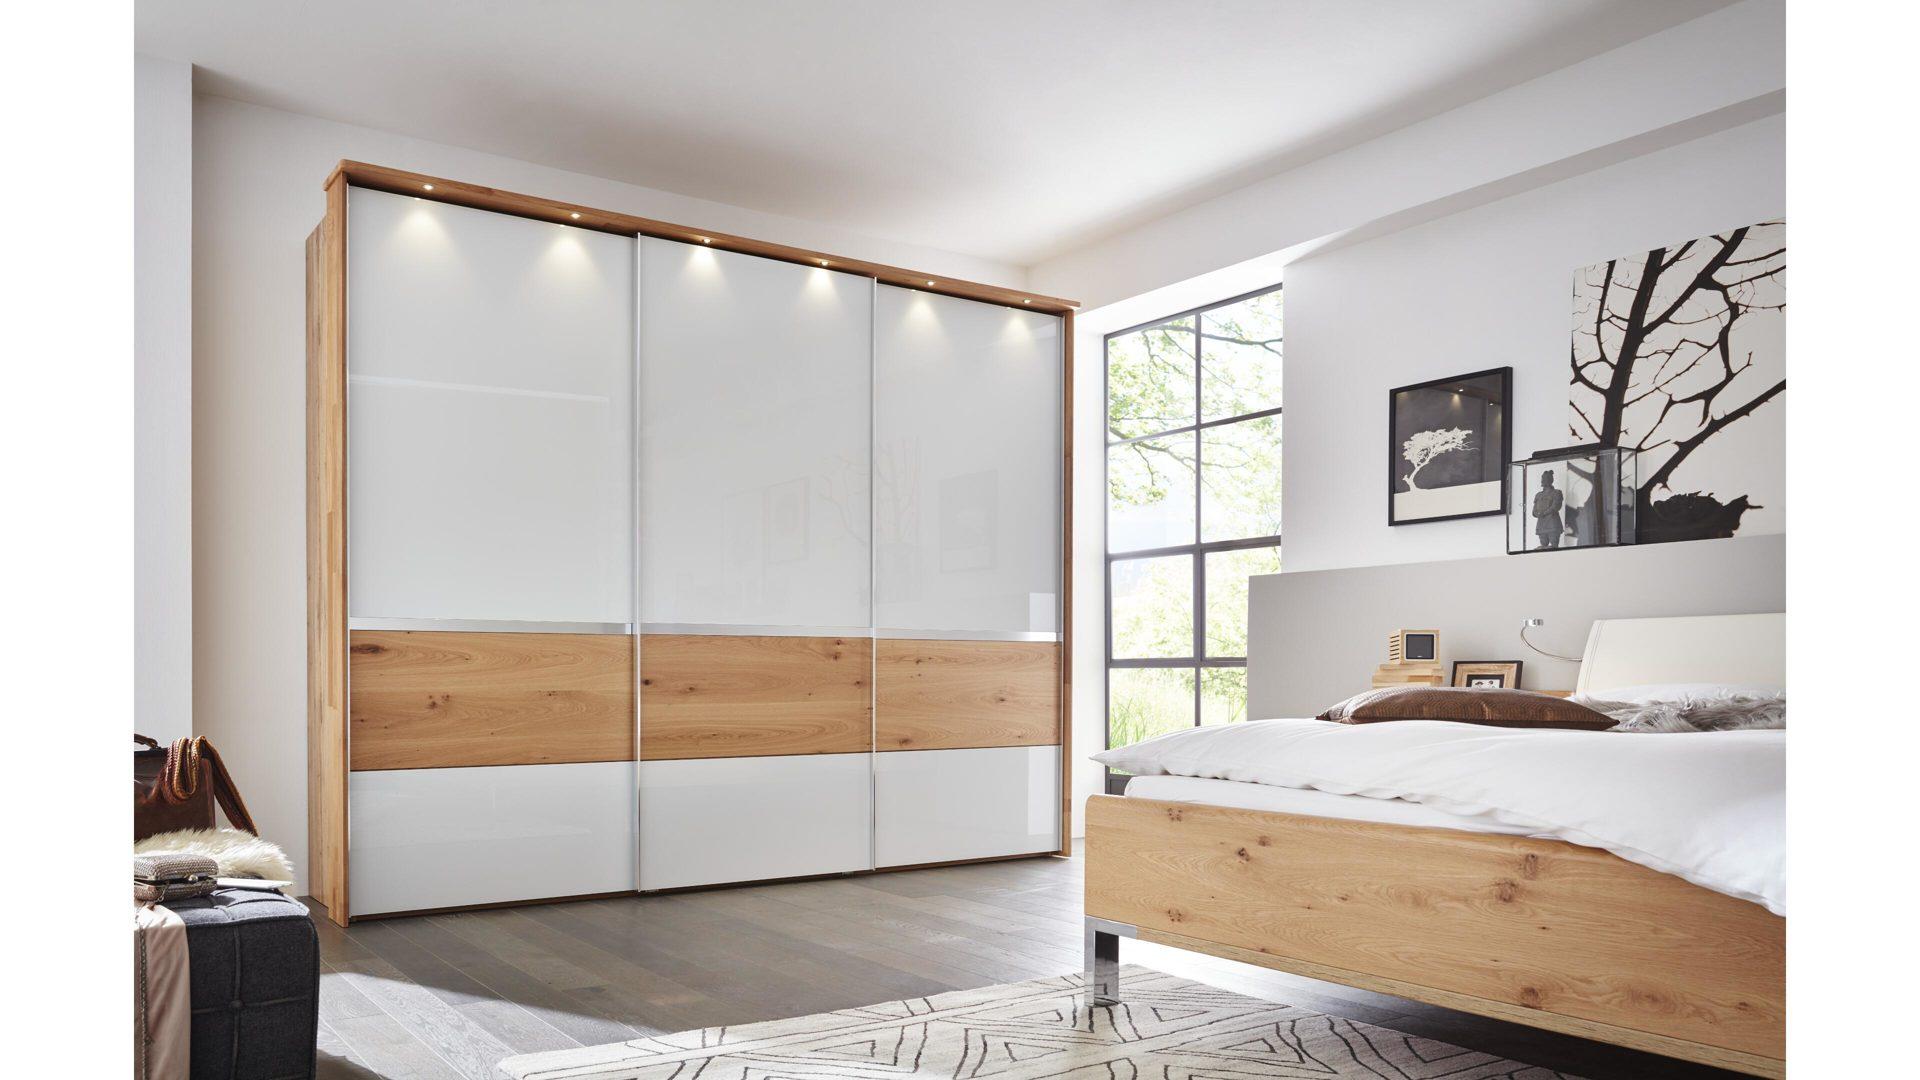 Interliving Schlafzimmer Serie 1202 – Schwebetürenschrank, teilmassive,